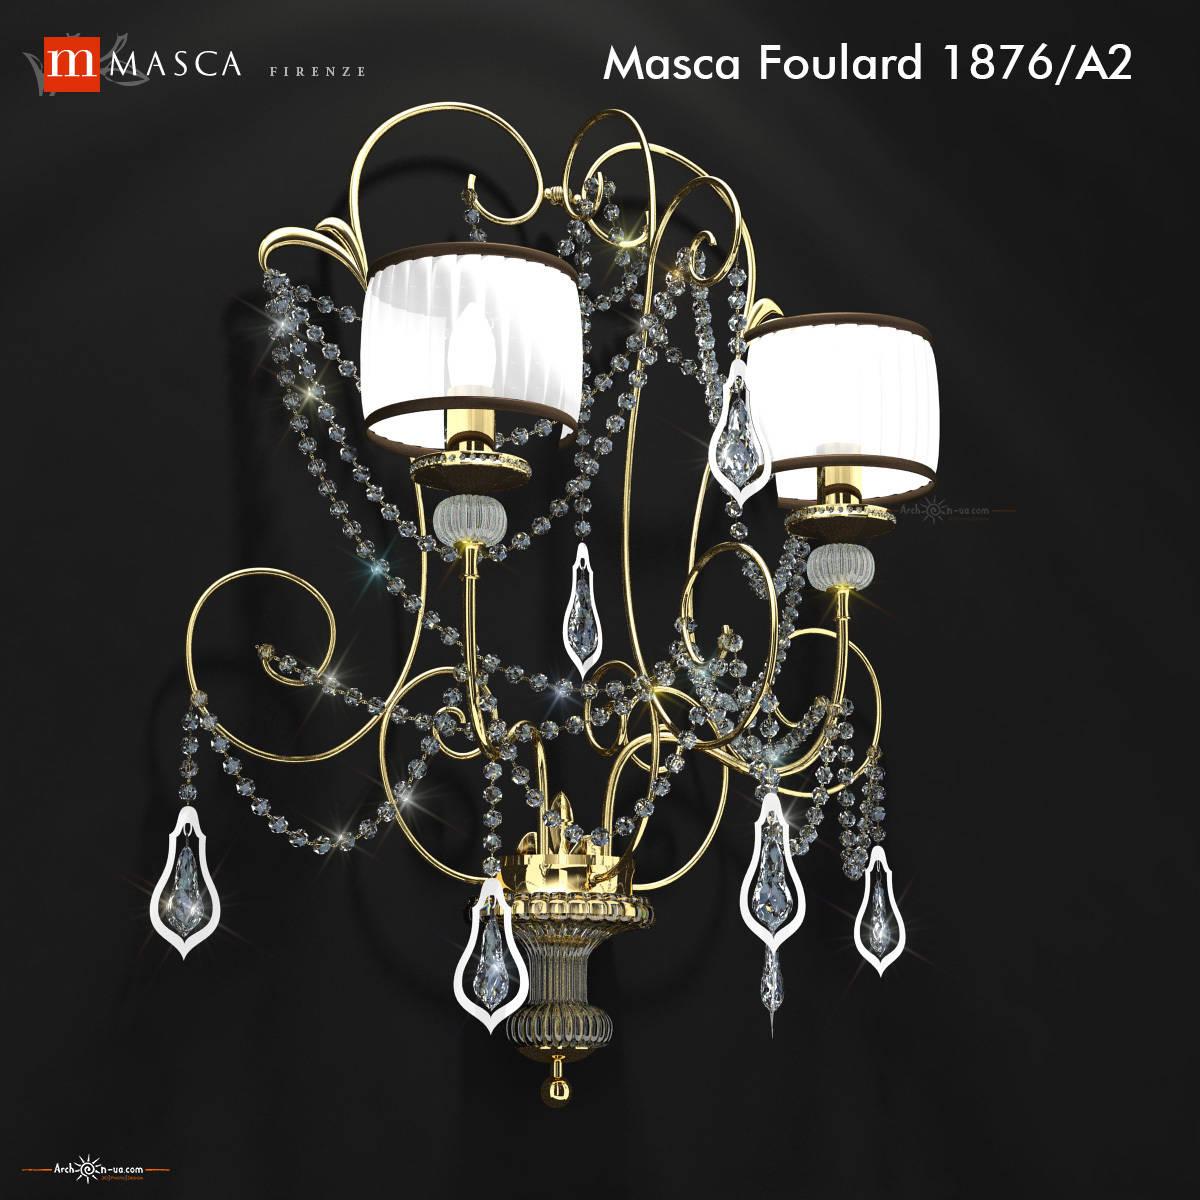 3d model of Masca-Foulard a2